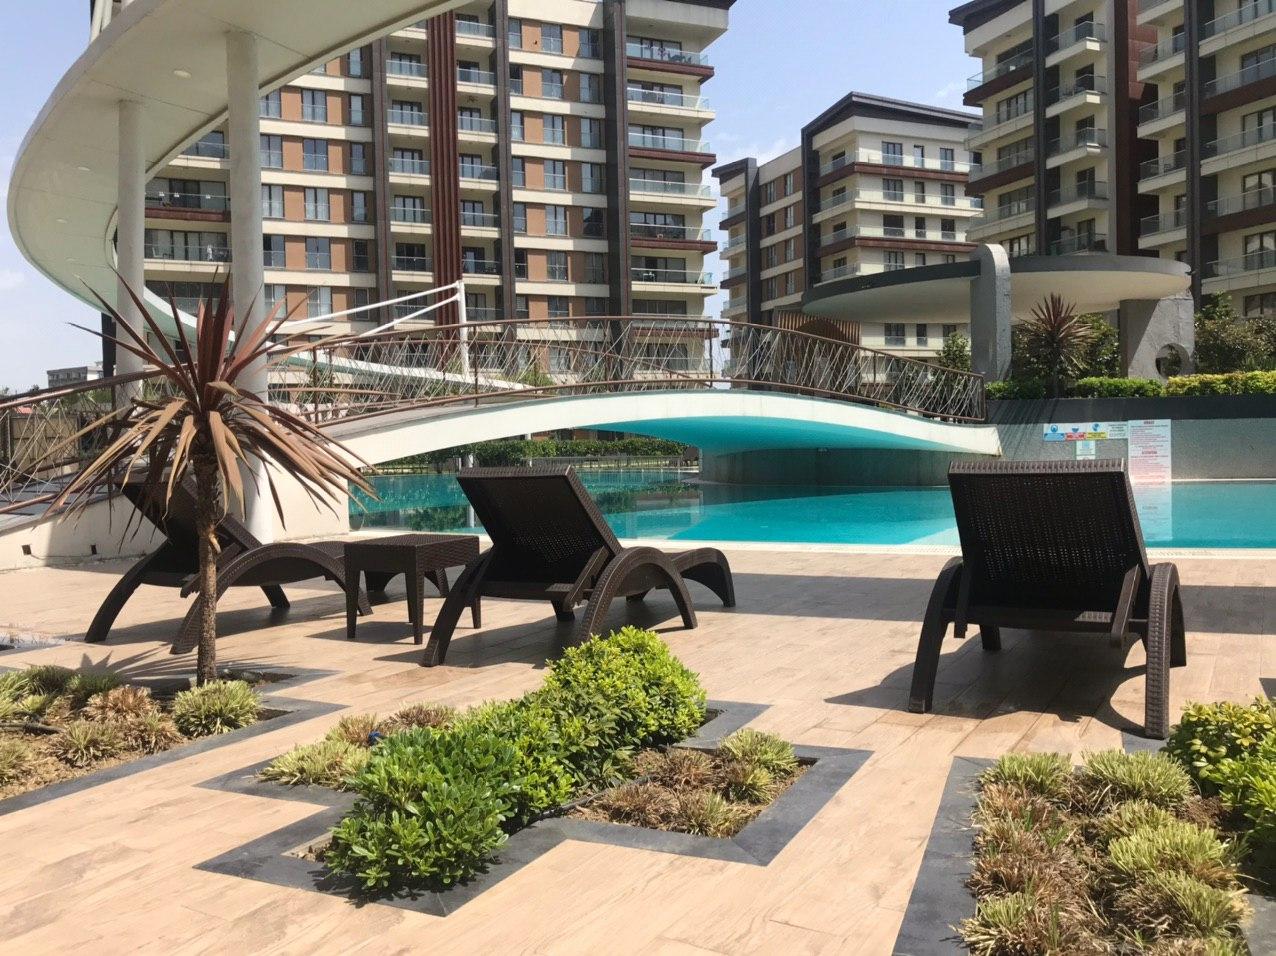 Апартаменты в жилом комплексе Стамбула - Фото 21